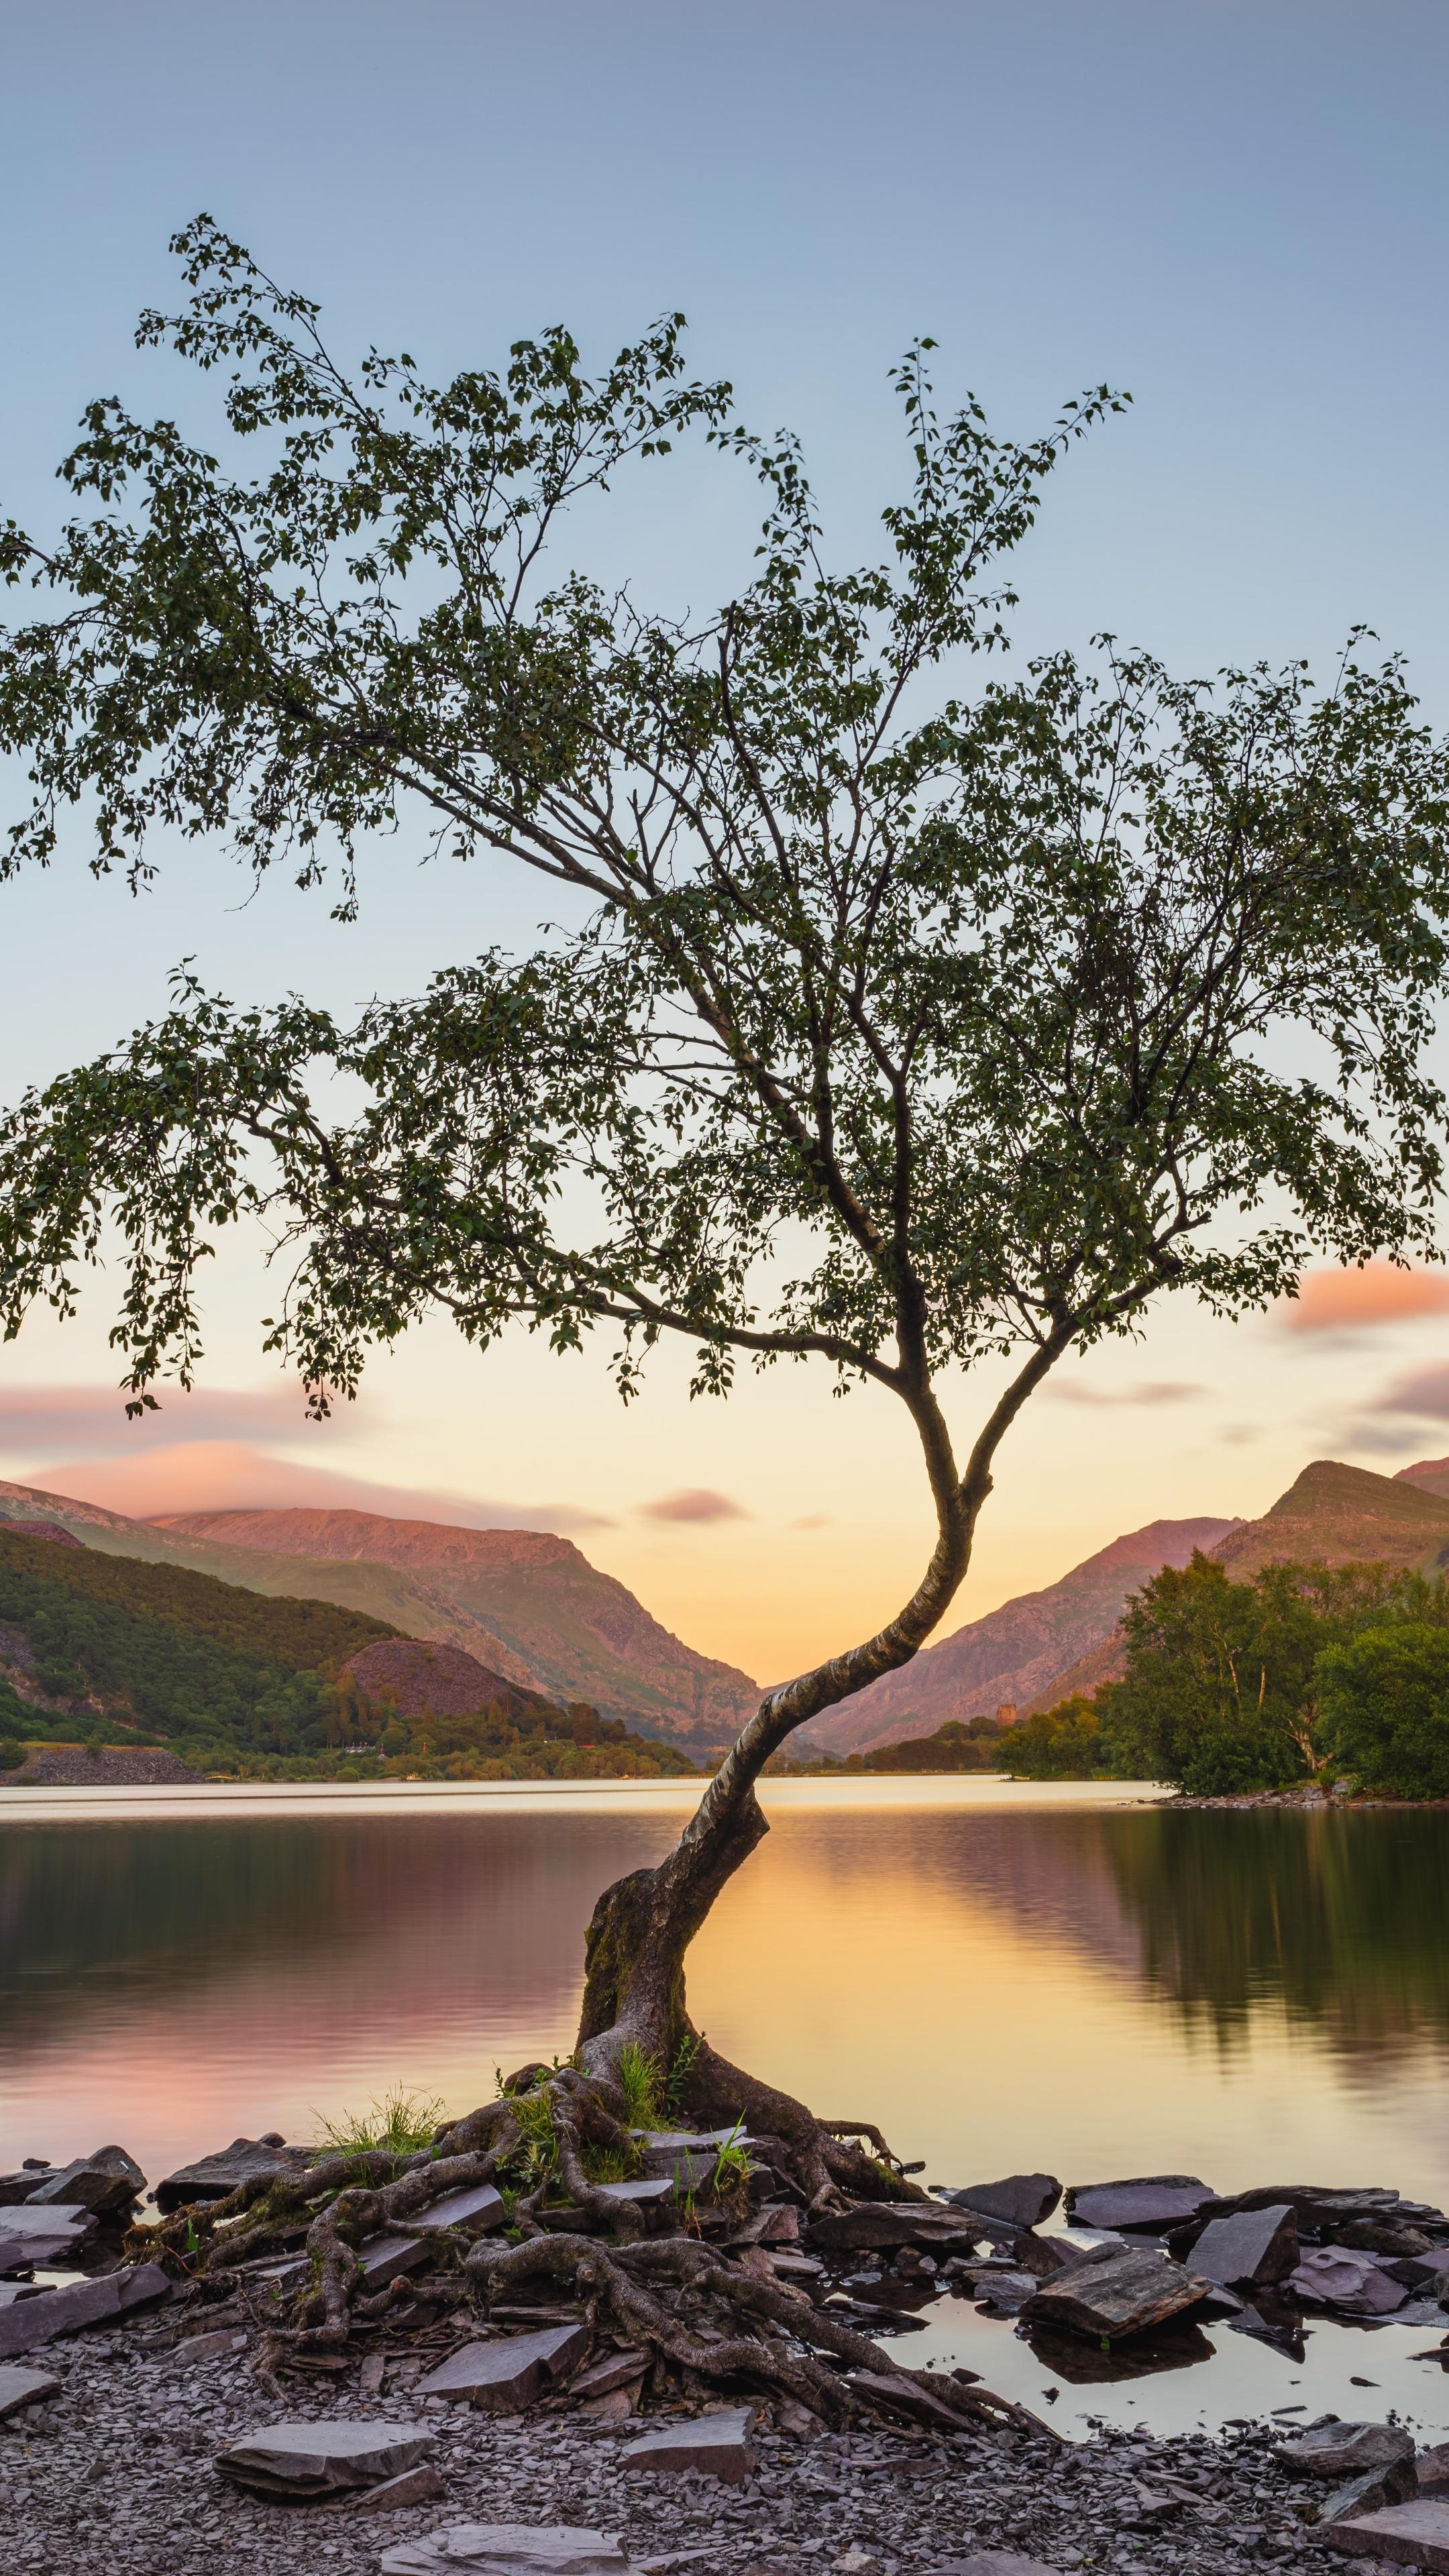 tree-near-lake-during-daytime-8k-3f.jpg